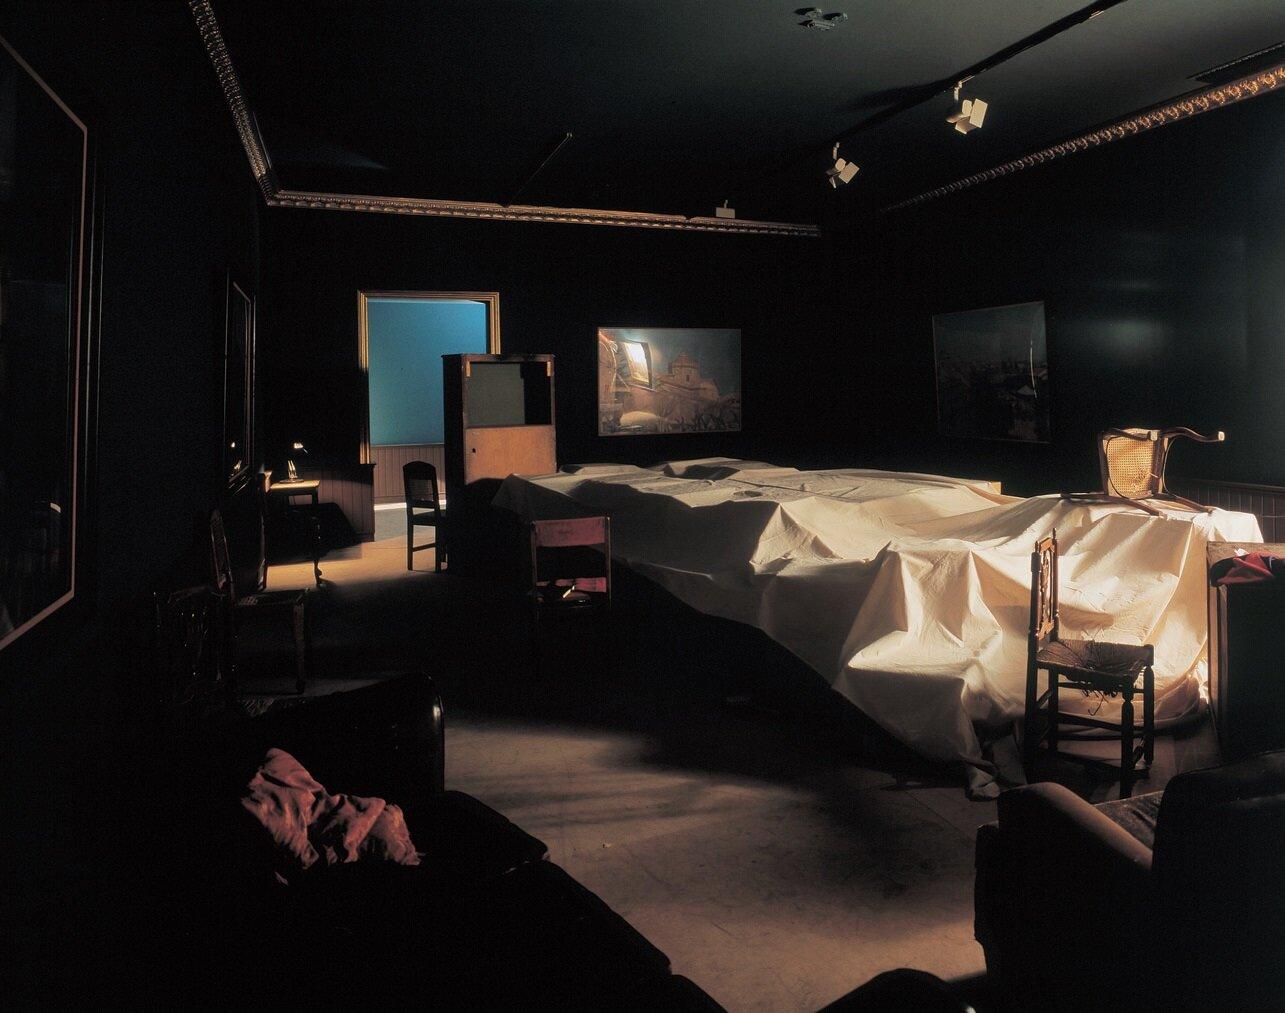 View-of-installation-Fundación-La-Caixa-Madrid-1994-Photo-by-Javier-Campano.jpg